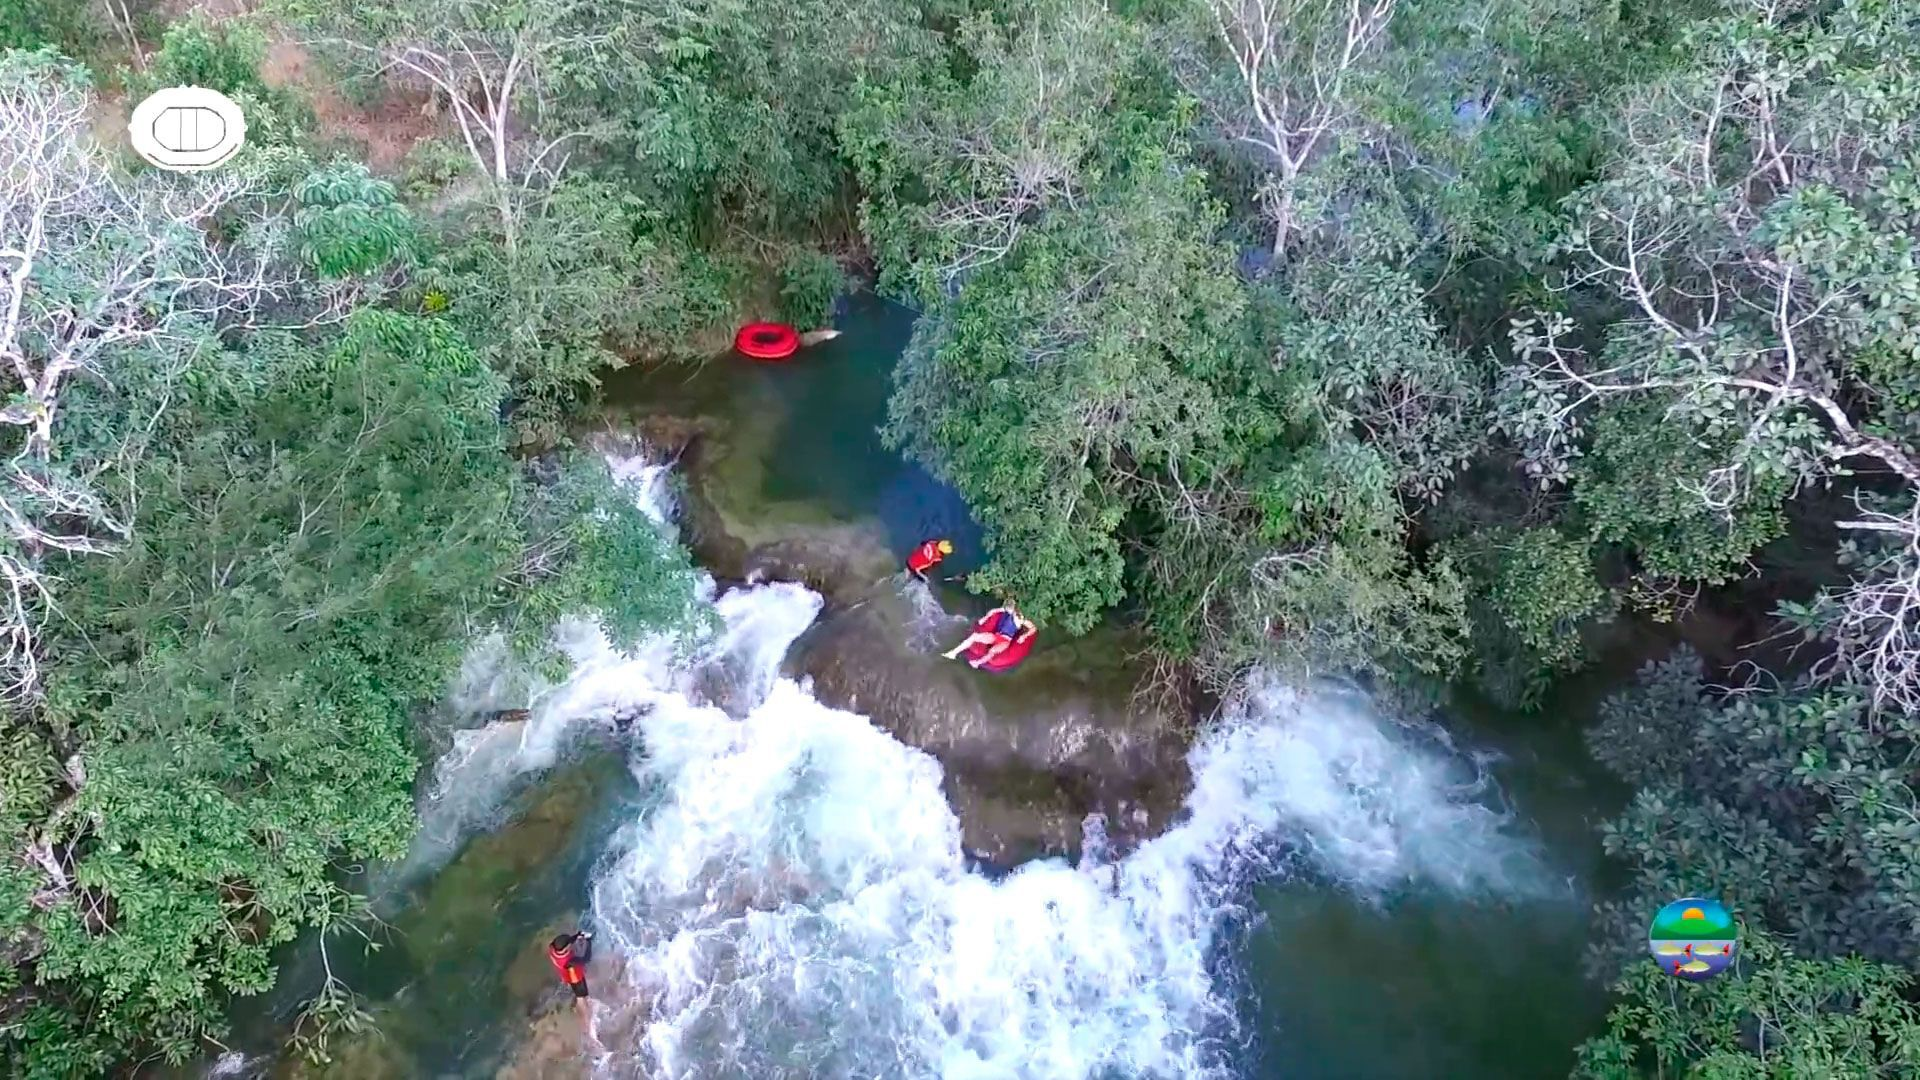 Boia Cross Parque Ecológico do Rio Formoso